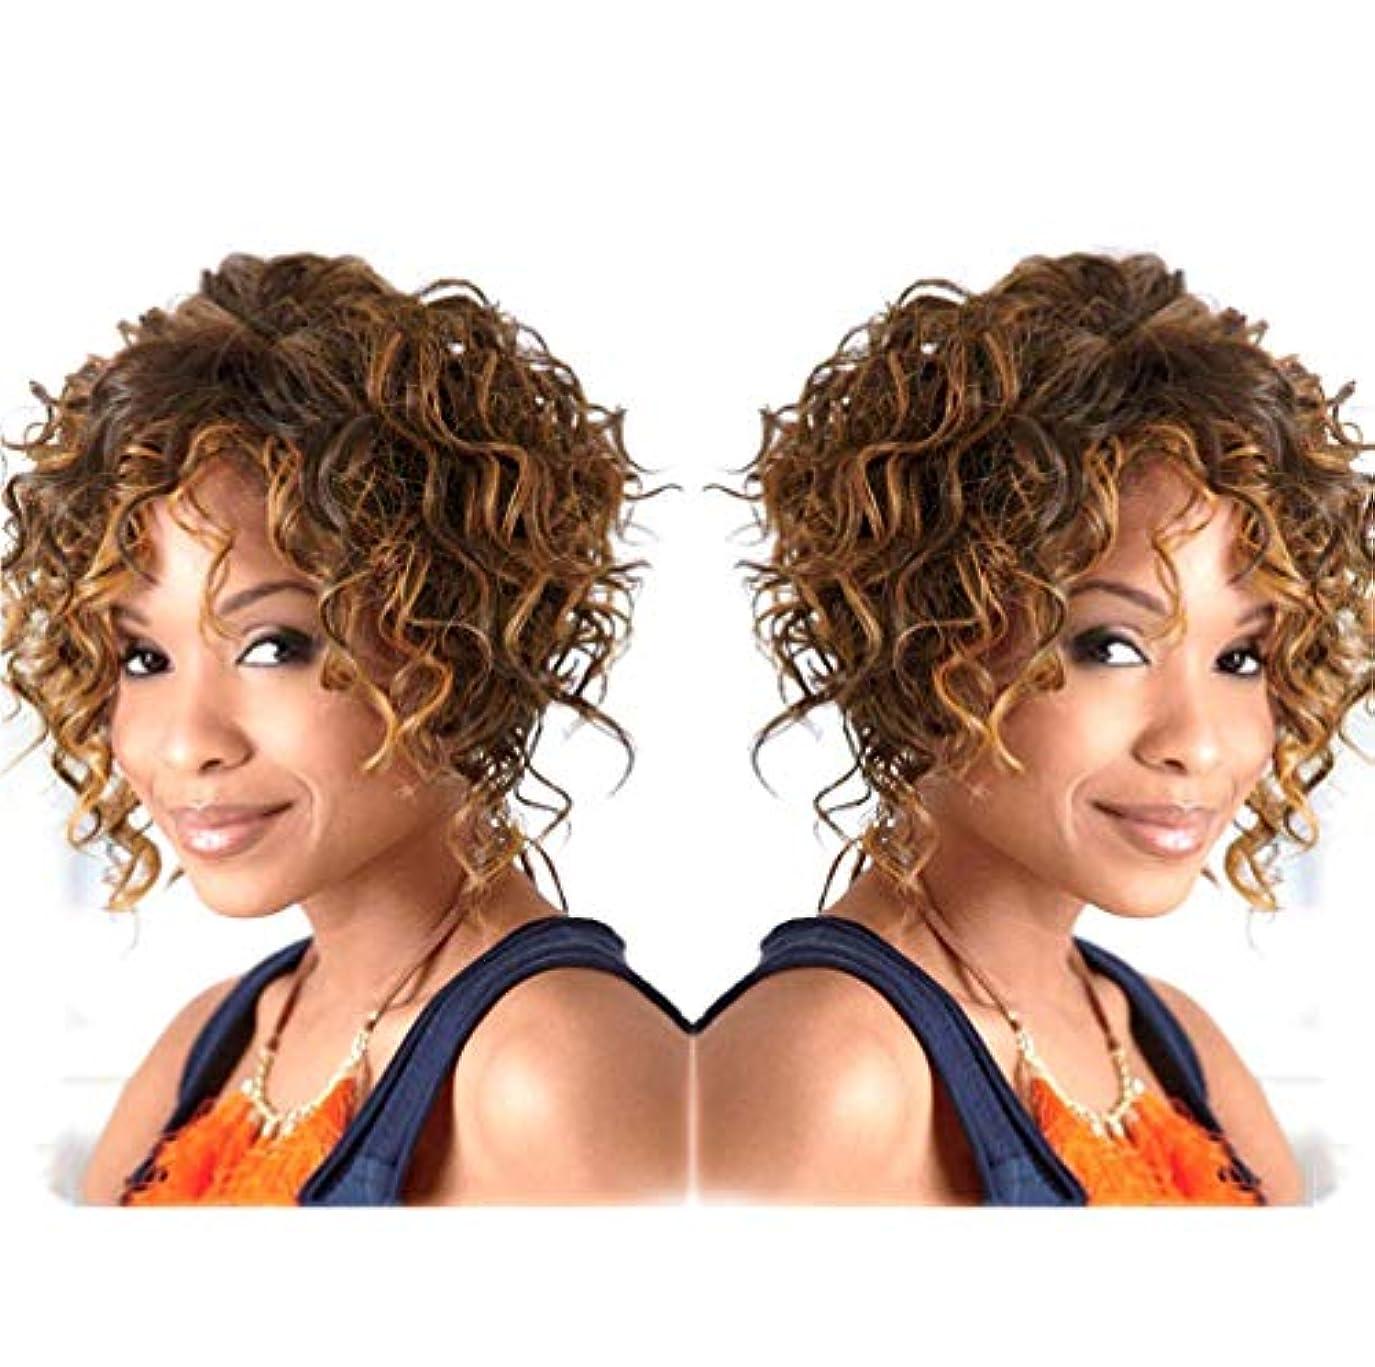 セーブイライラする交換可能女性150%密度ウィッグ人毛ショートカーリーウィッグかわいいディンキーカーリーブラウン29cm